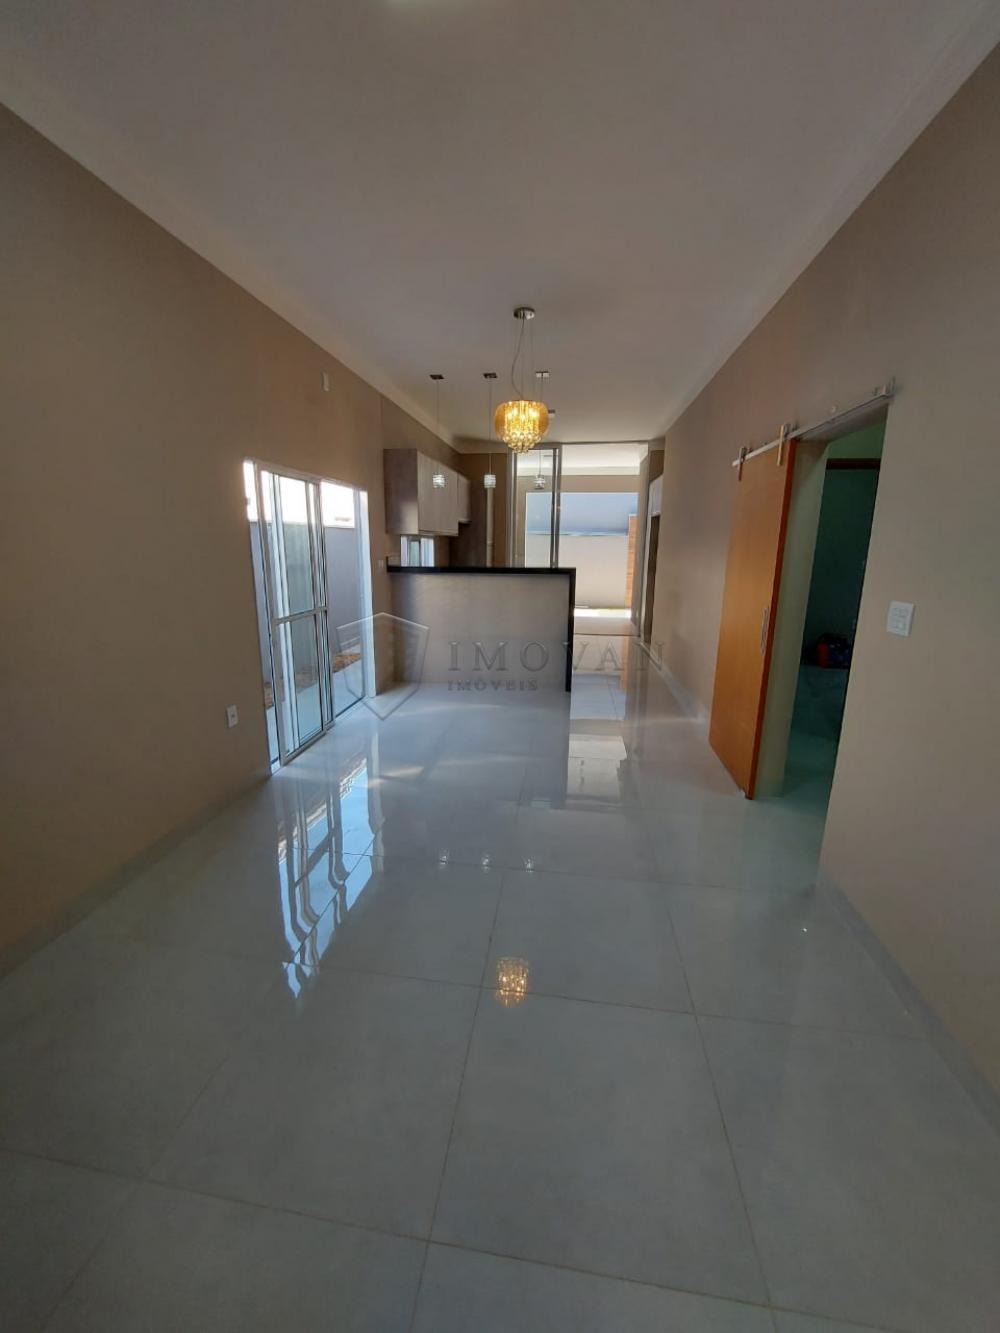 Comprar Casa / Condomínio em Bonfim Paulista R$ 850.000,00 - Foto 2